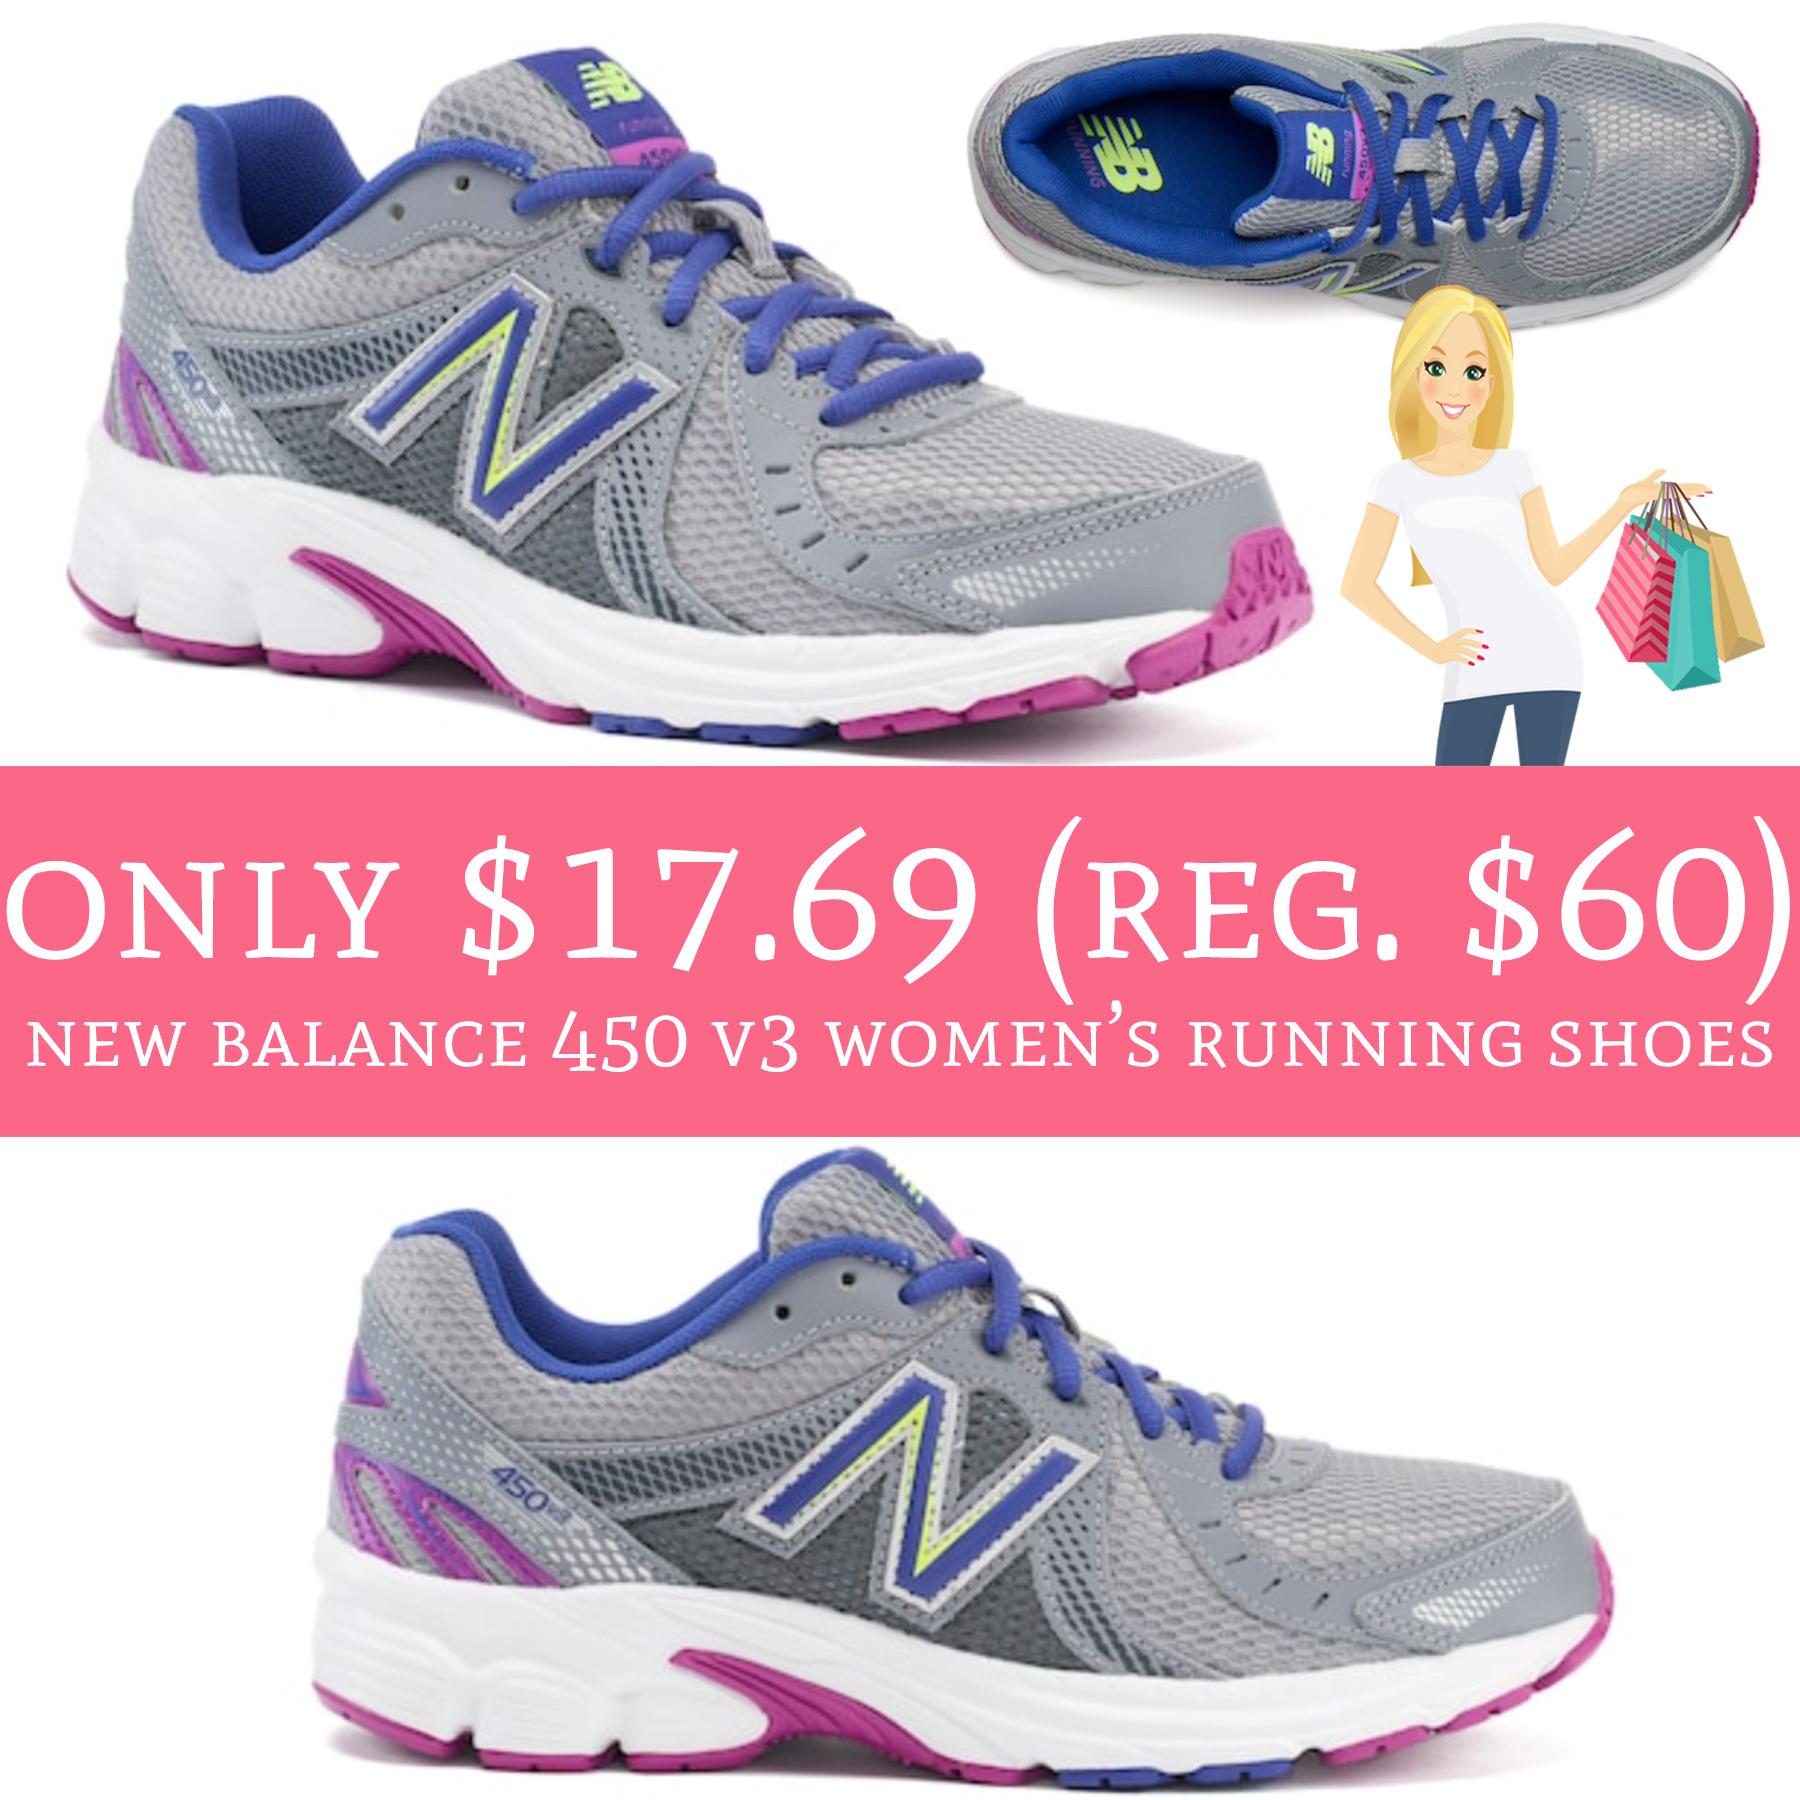 säästää jopa 80% parhaat kengät ottaa kiinni RUN! Only $17.69 (Regular $60) New Balance 450 V3 Women's ...